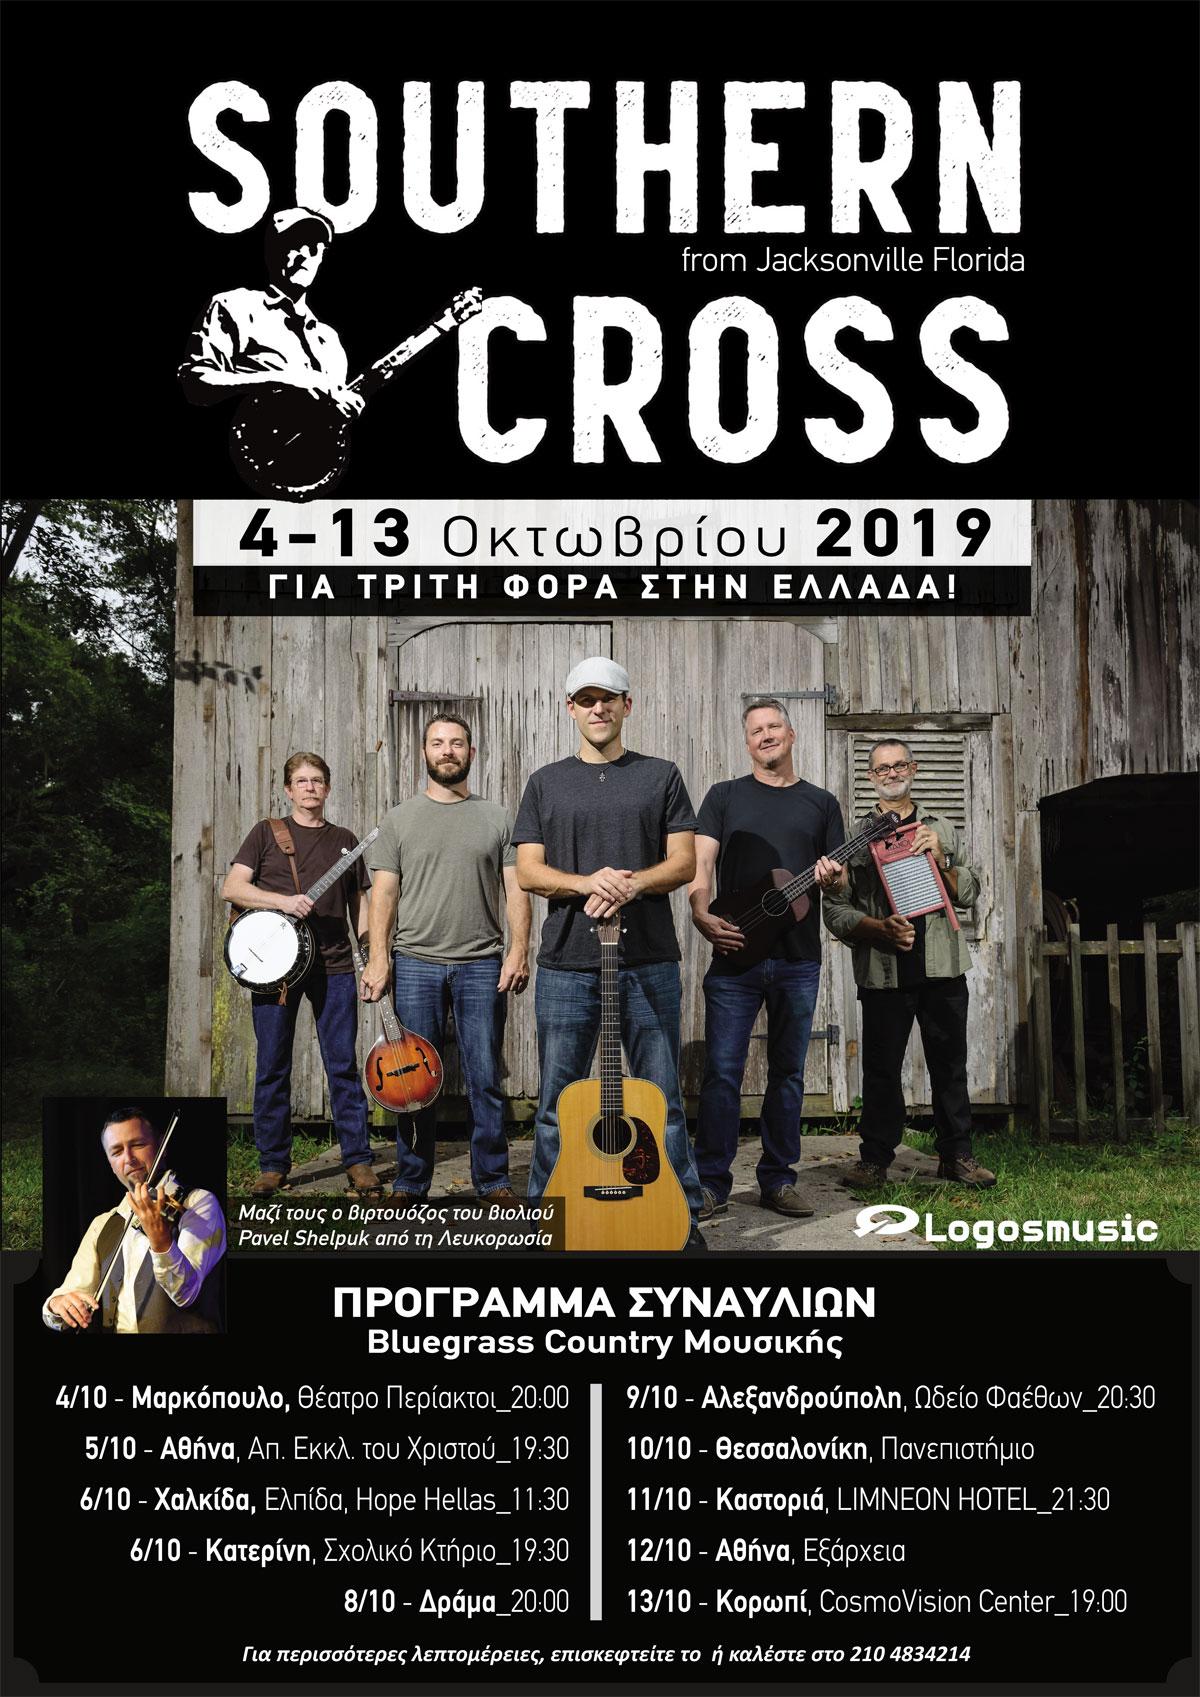 Οι Southern Cross για τρίτη φορά στην Ελλάδα! 3-13 Οκτωβρίου 2019